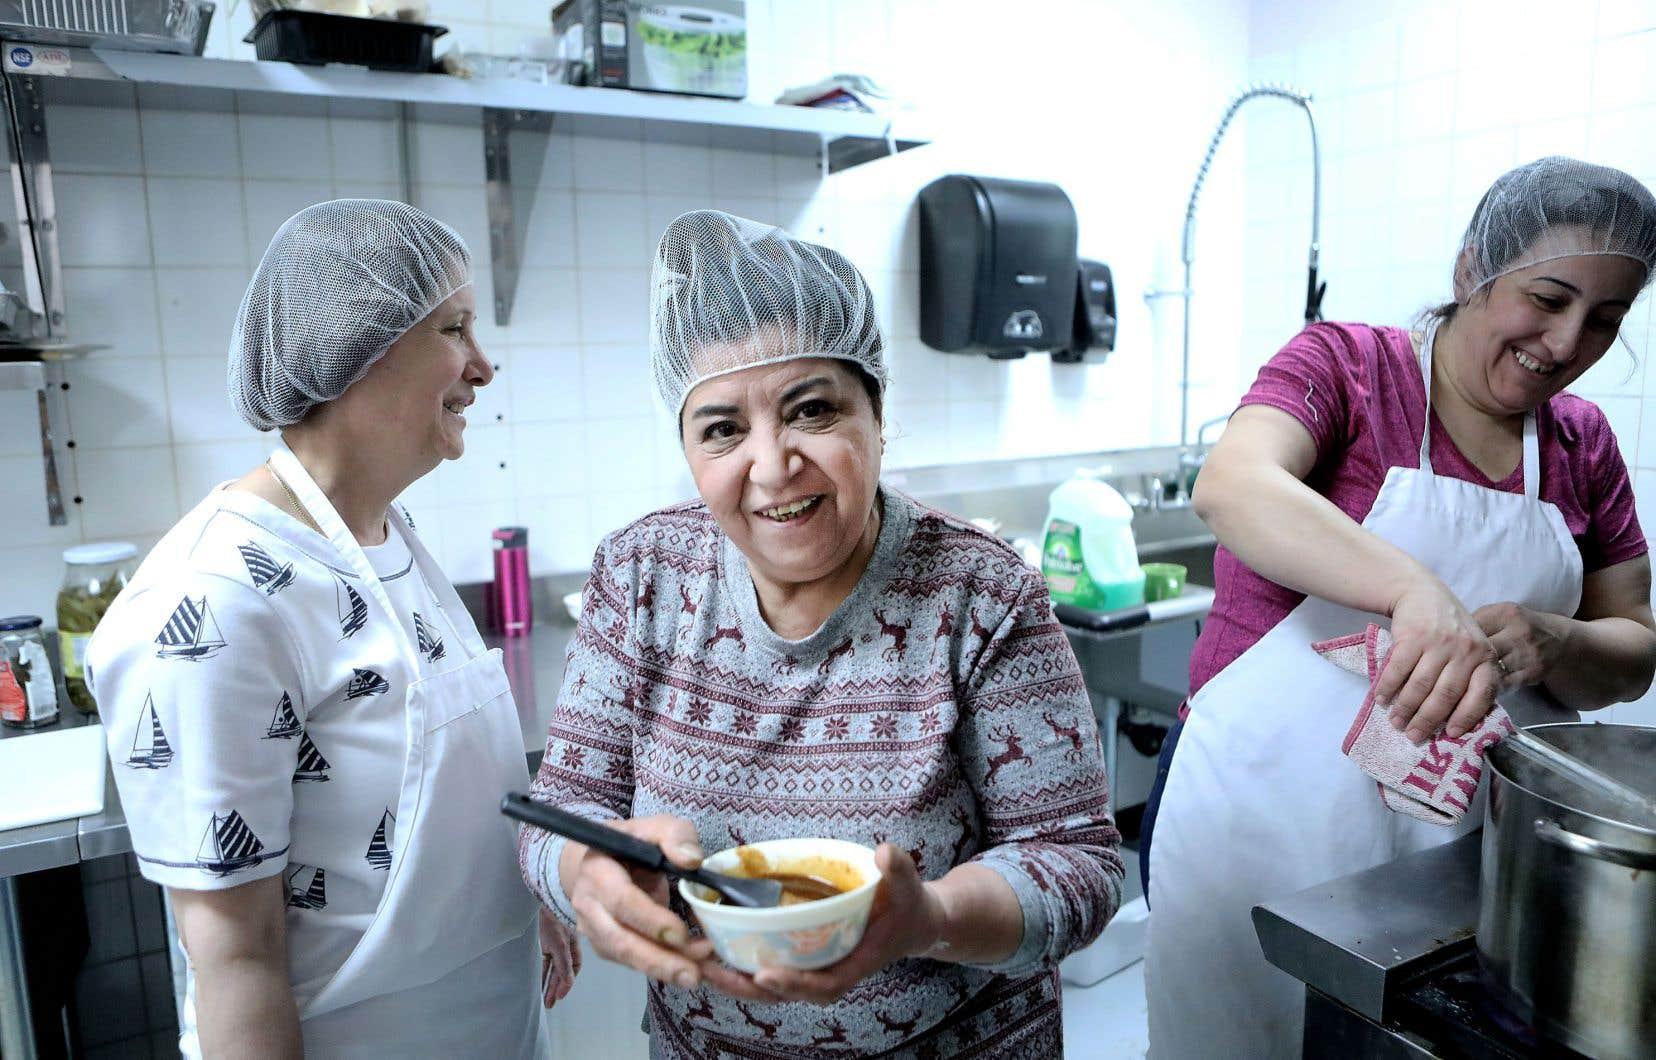 Les Filles Fattoush donnent un premier emploi en sol canadien à des femmes syriennes récemment arrivées. Ici, Amal Kabroun, Arpik Suvalian et Joellit Abo.